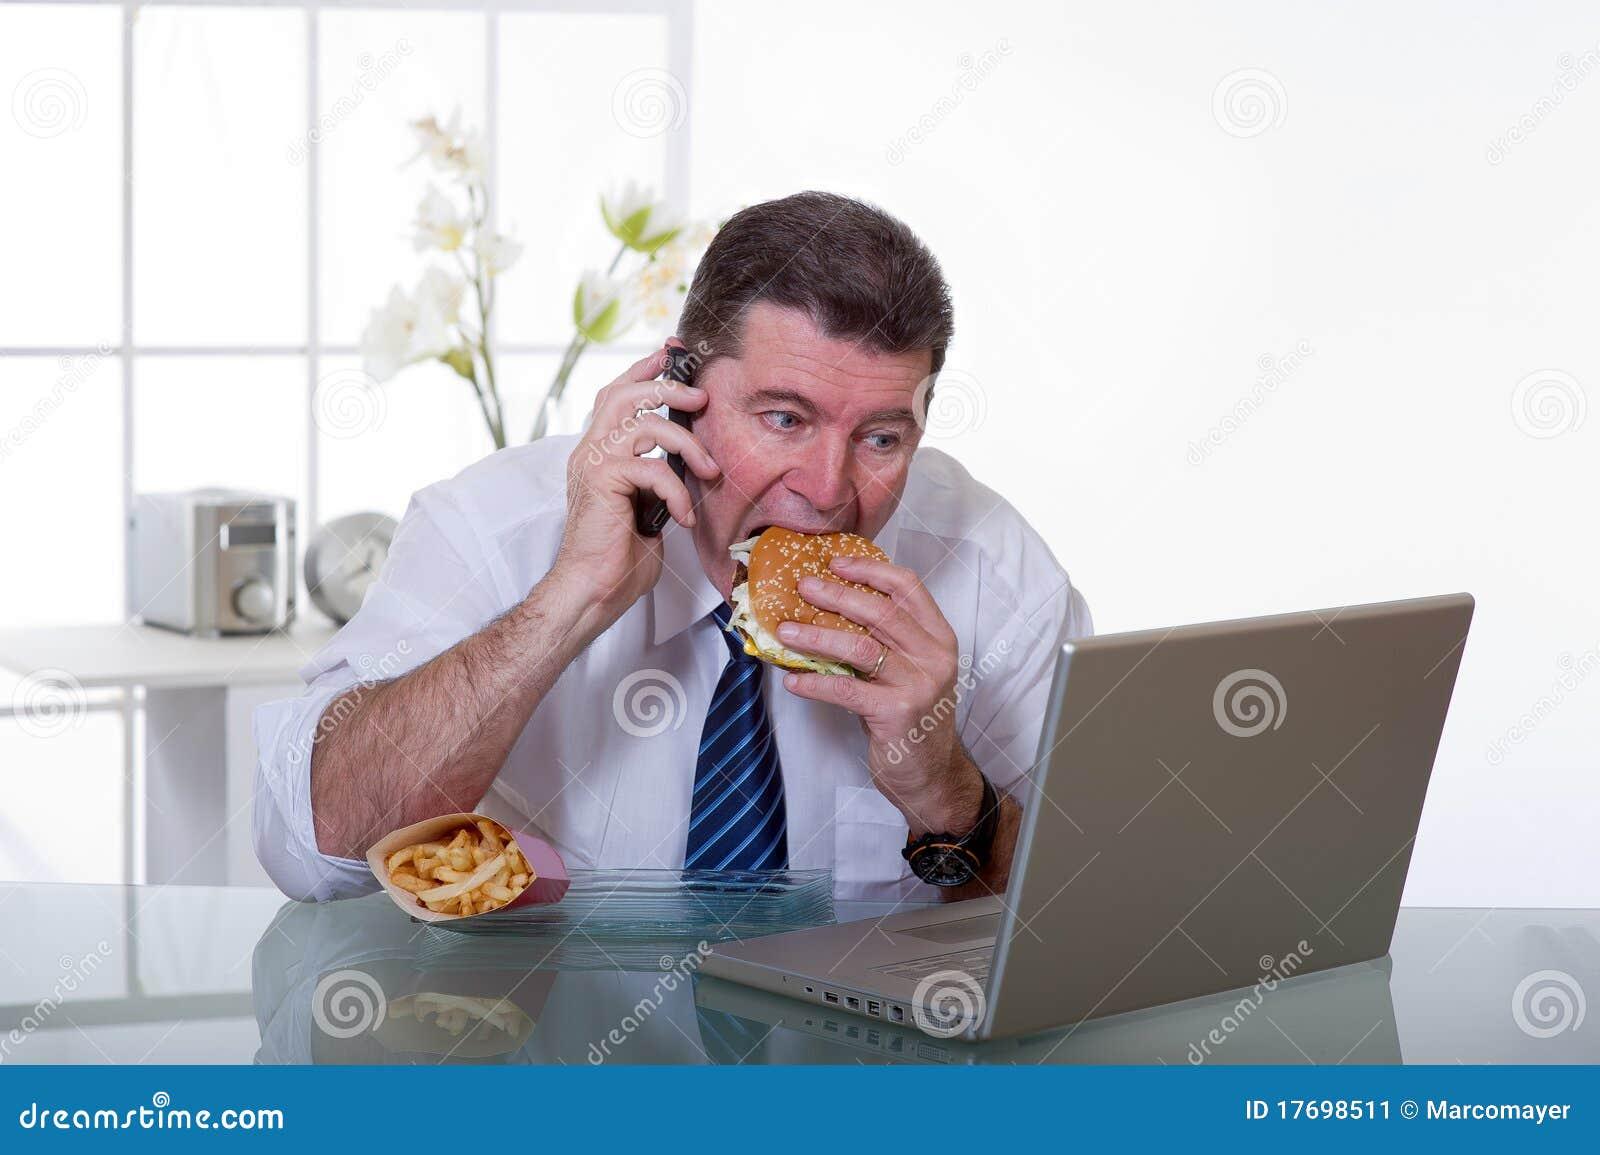 Man at office eat unhealthy food